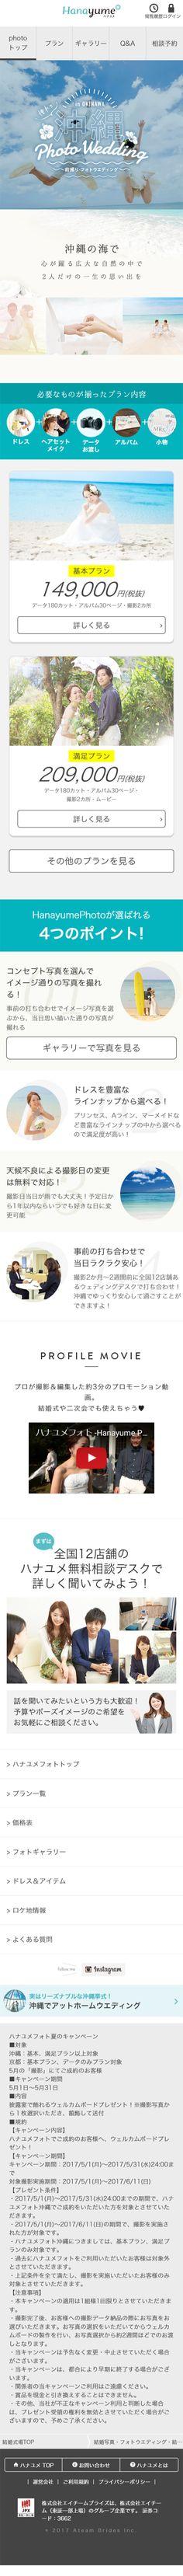 フォトウエディング沖縄|WEBデザイナーさん必見!スマホランディングページのデザイン参考に(ナチュラル系)